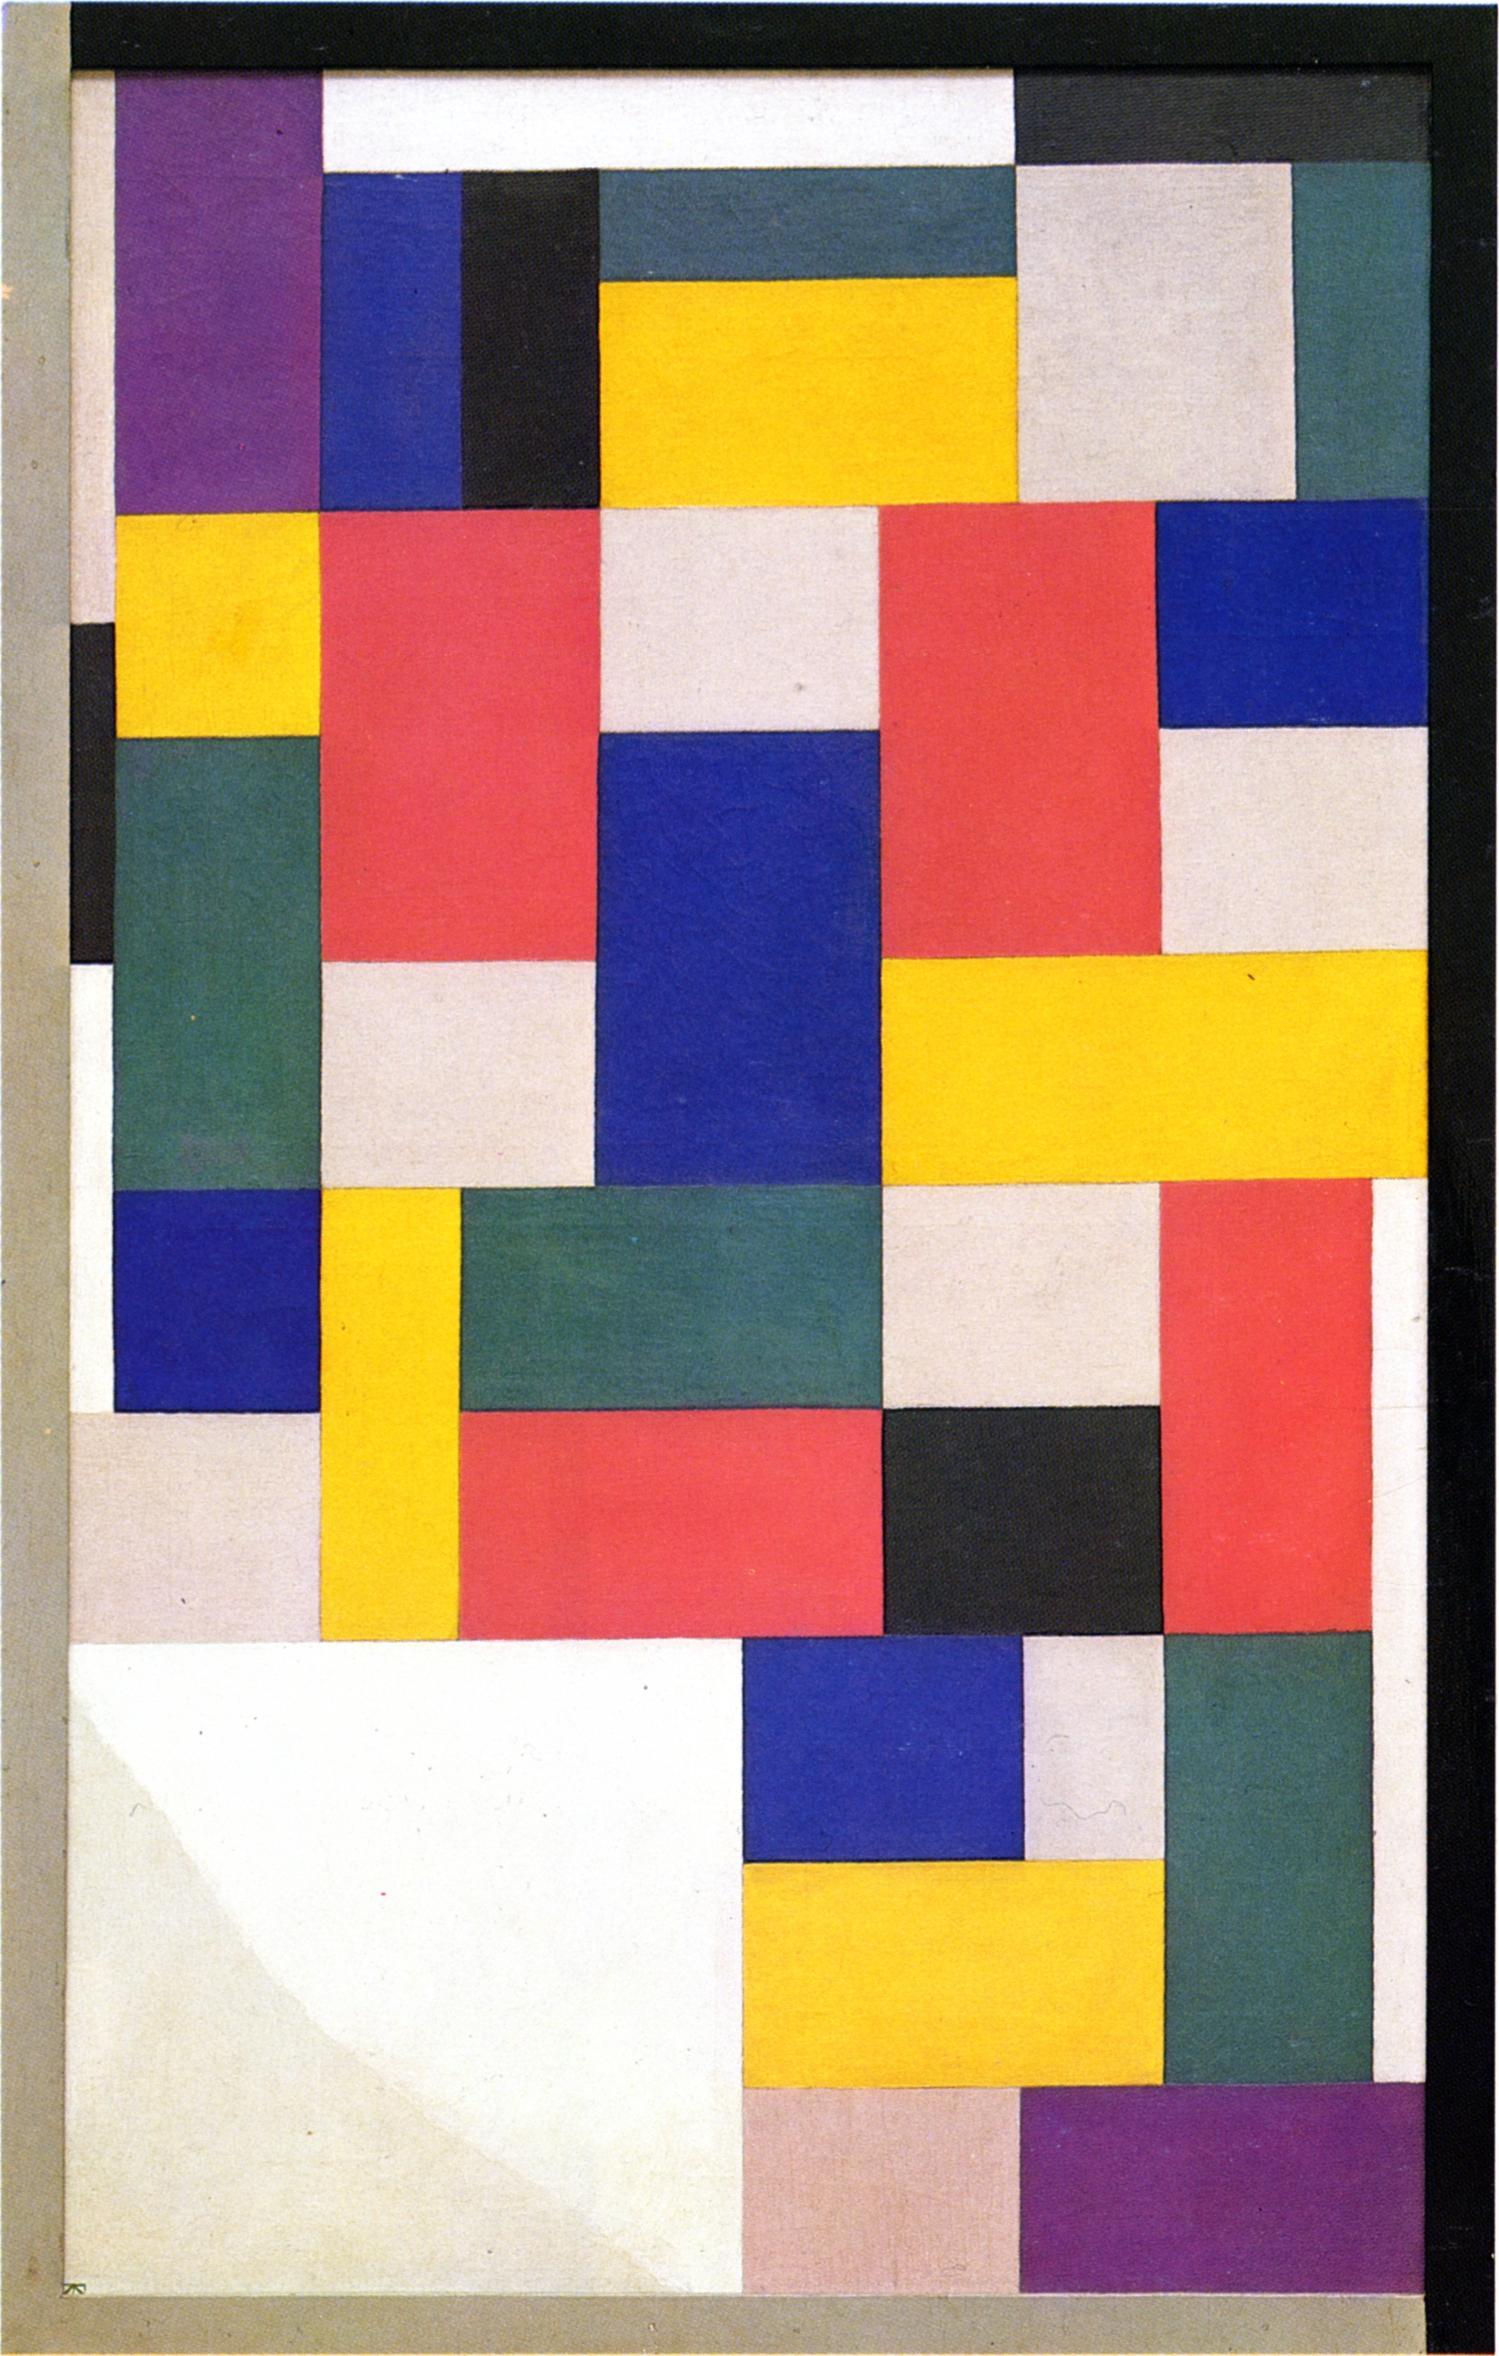 Resultado de imagen de pure painting theo van doesburg